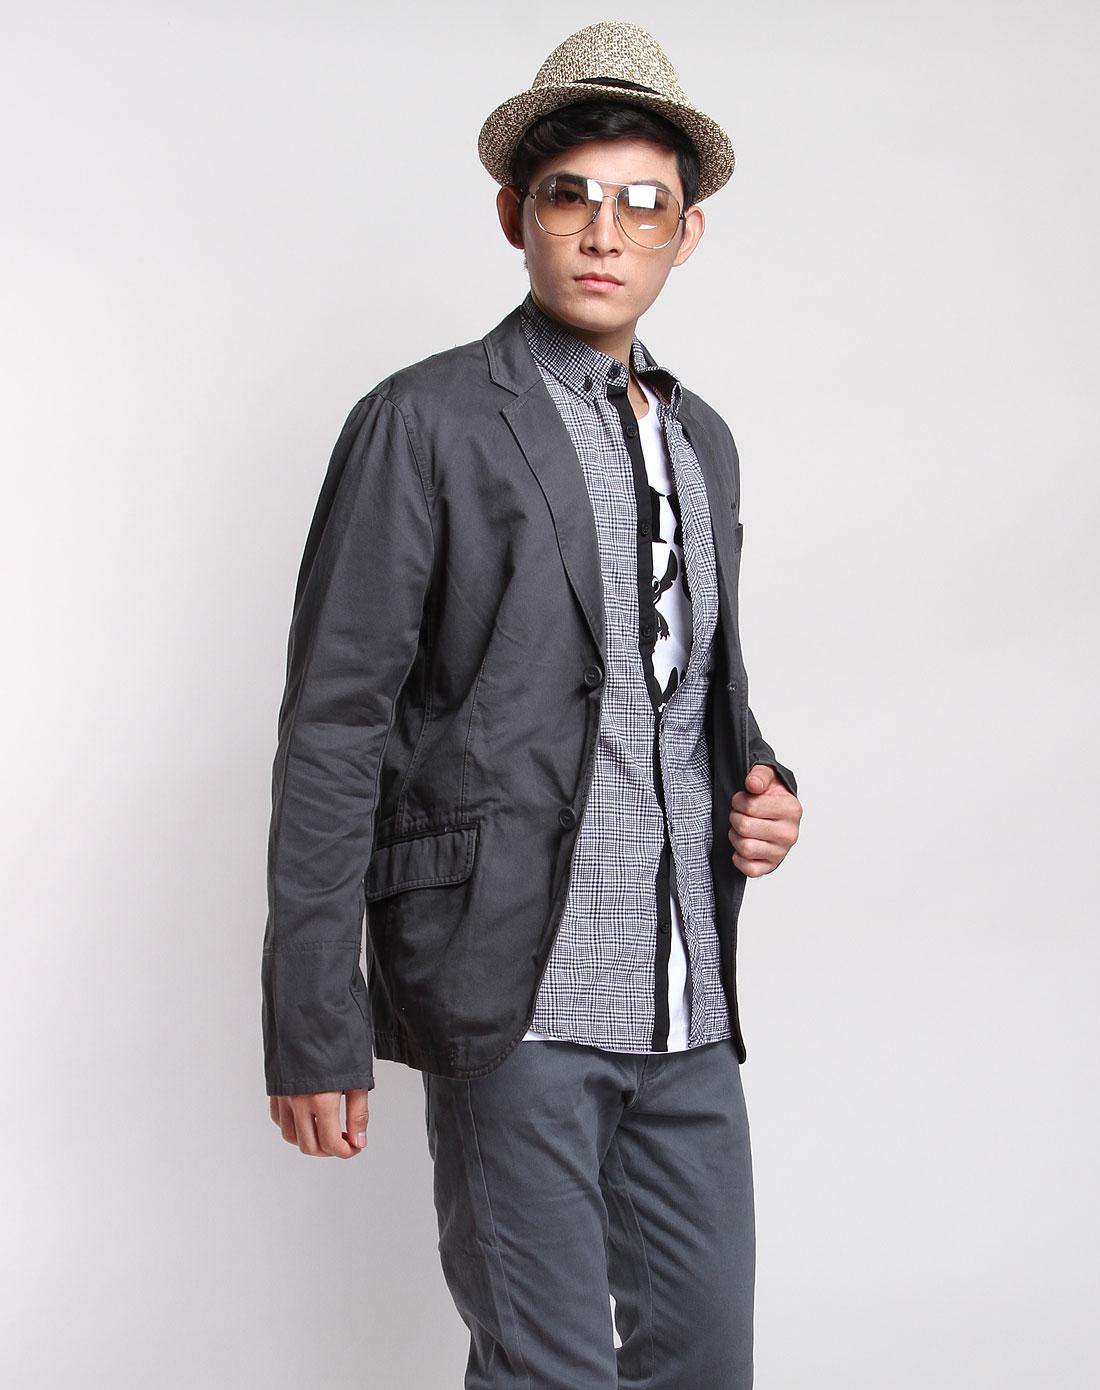 森马男装专场-冷灰色长袖休闲西装式外套